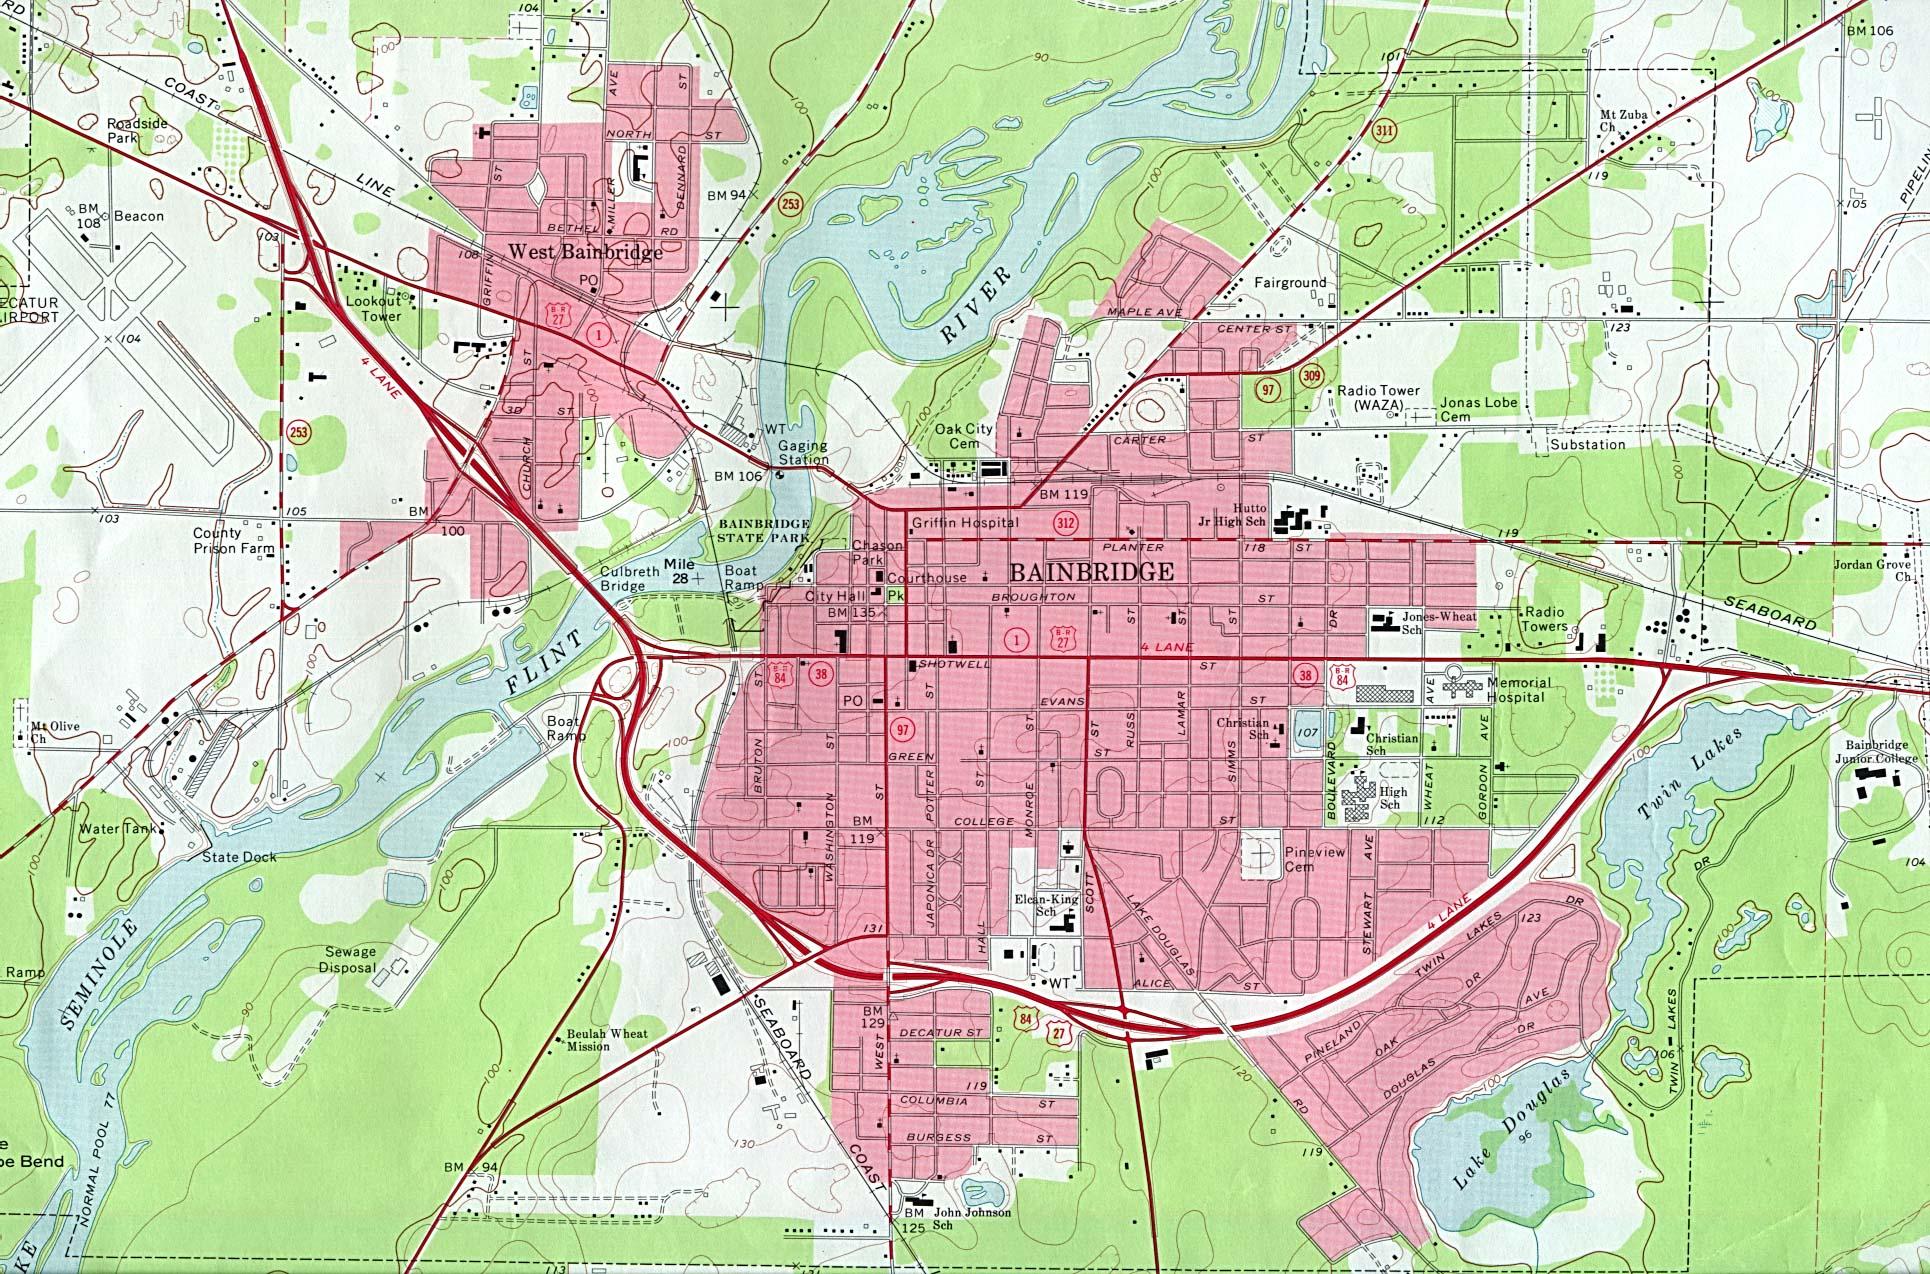 Mapa Topográfico de la Ciudad de Bainbridge, Georgia, Estados Unidos